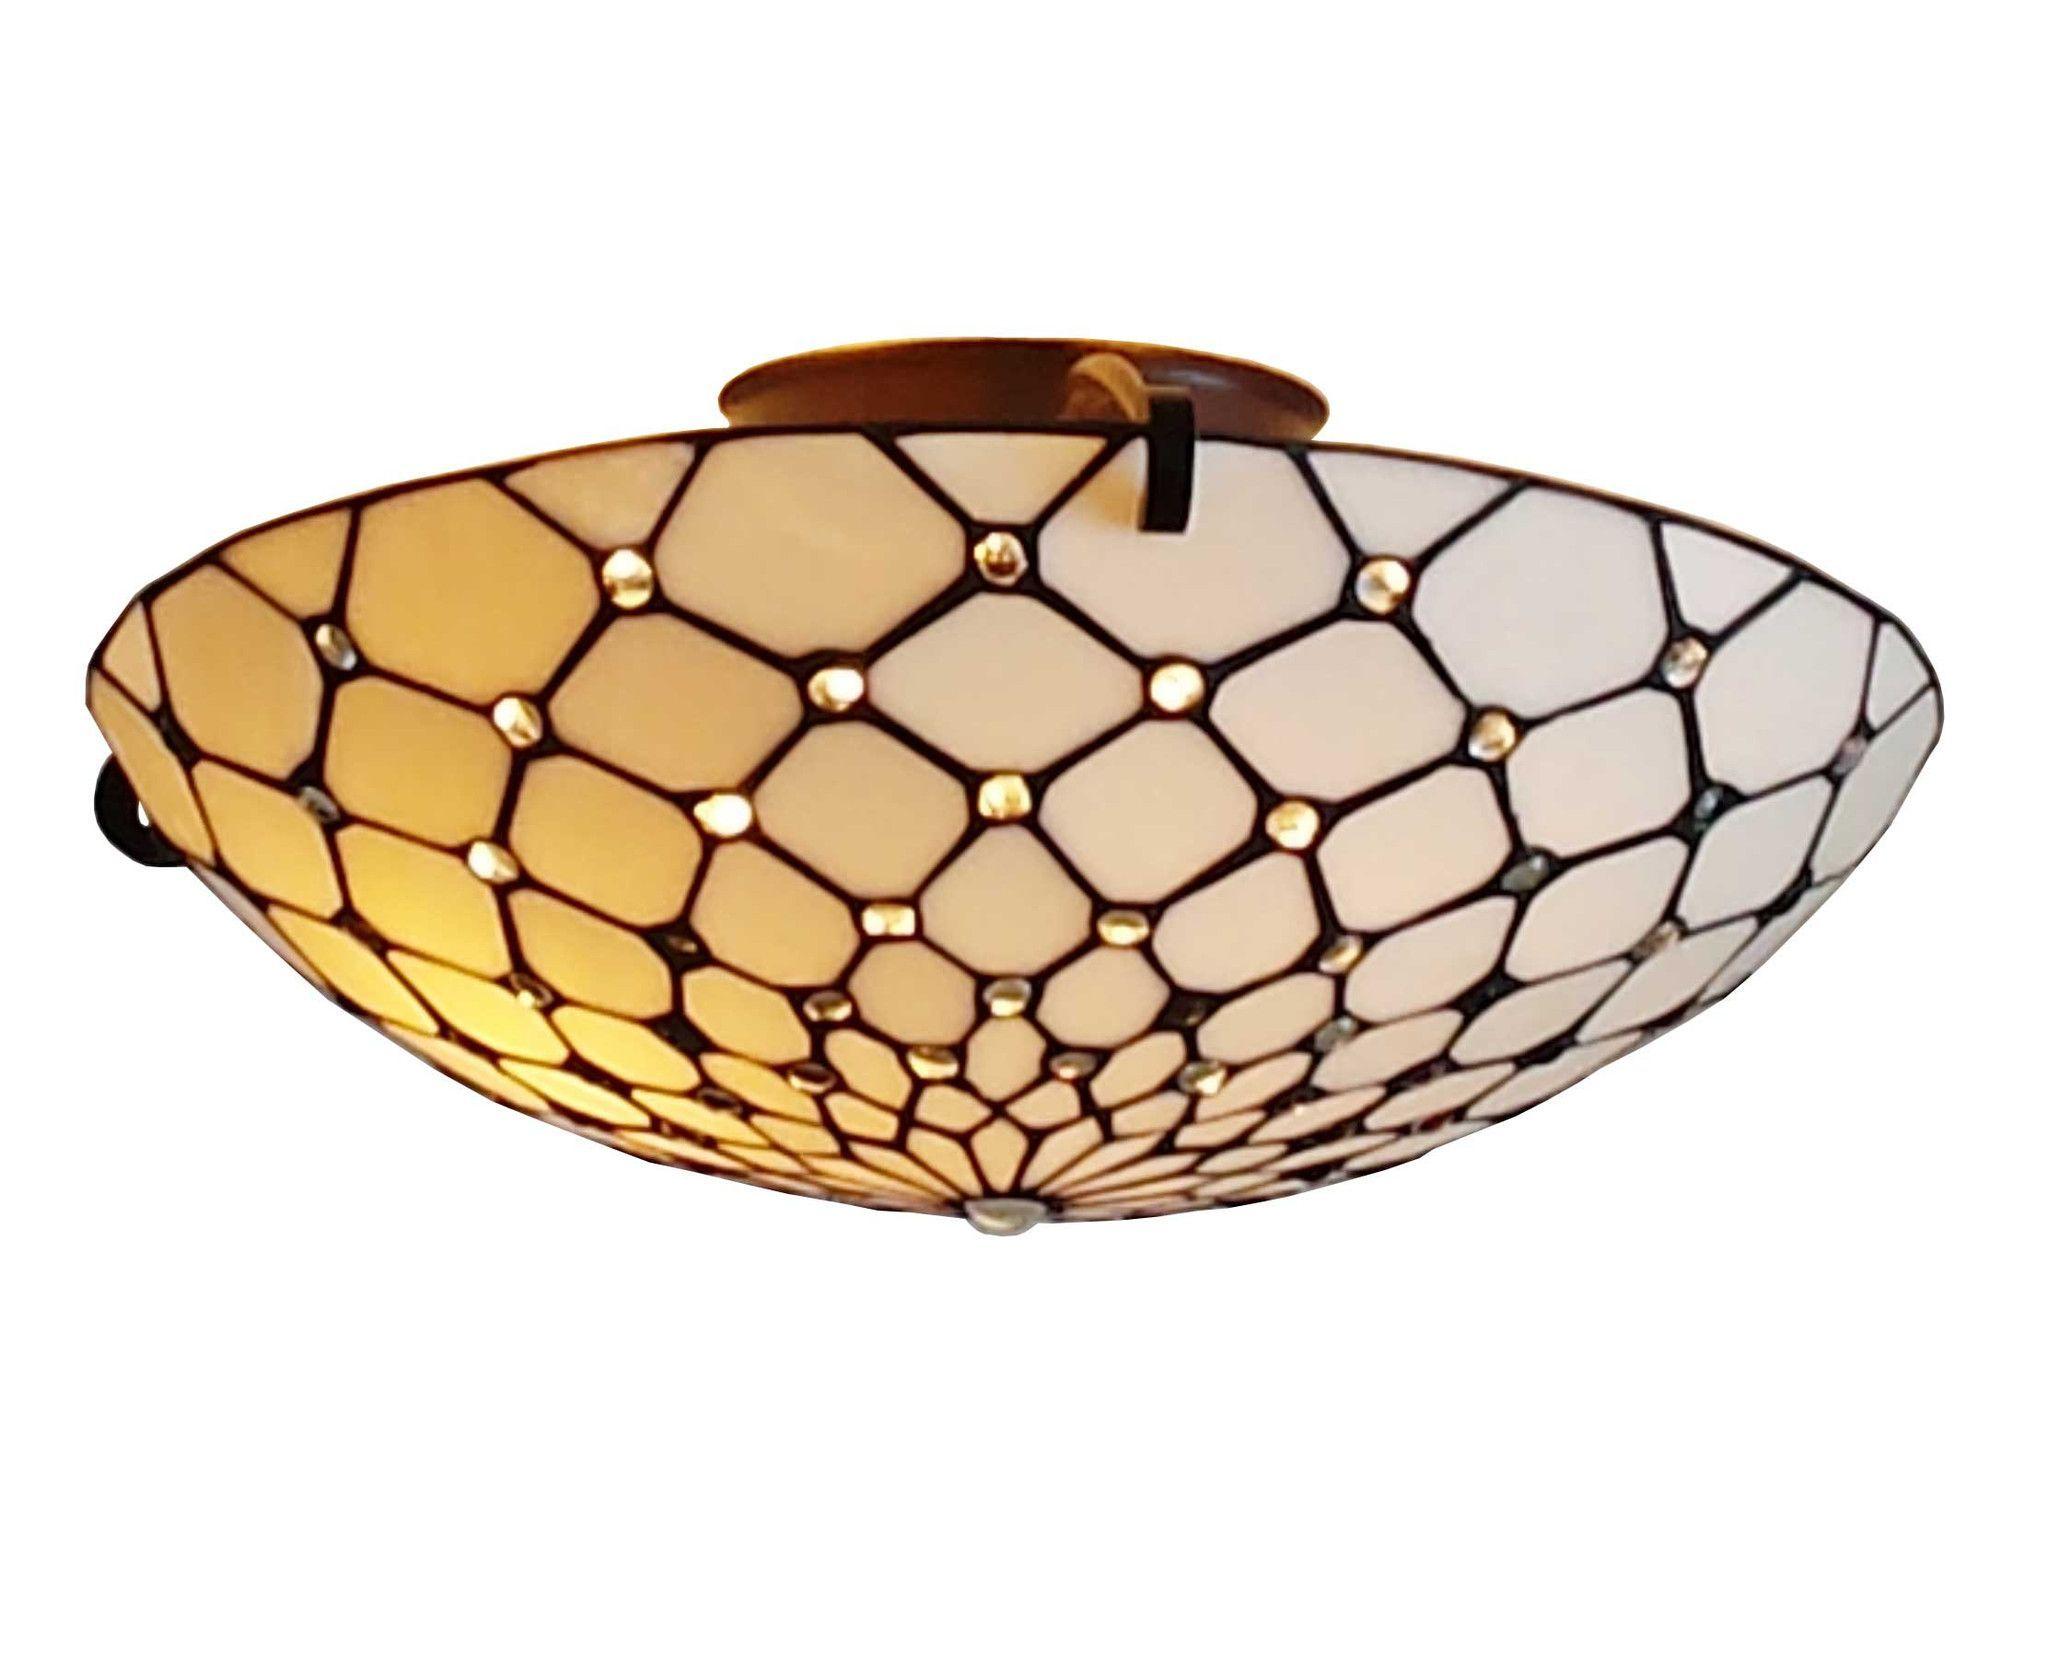 Tiffany style ceiling fixture lamp in wide αντικες pinterest